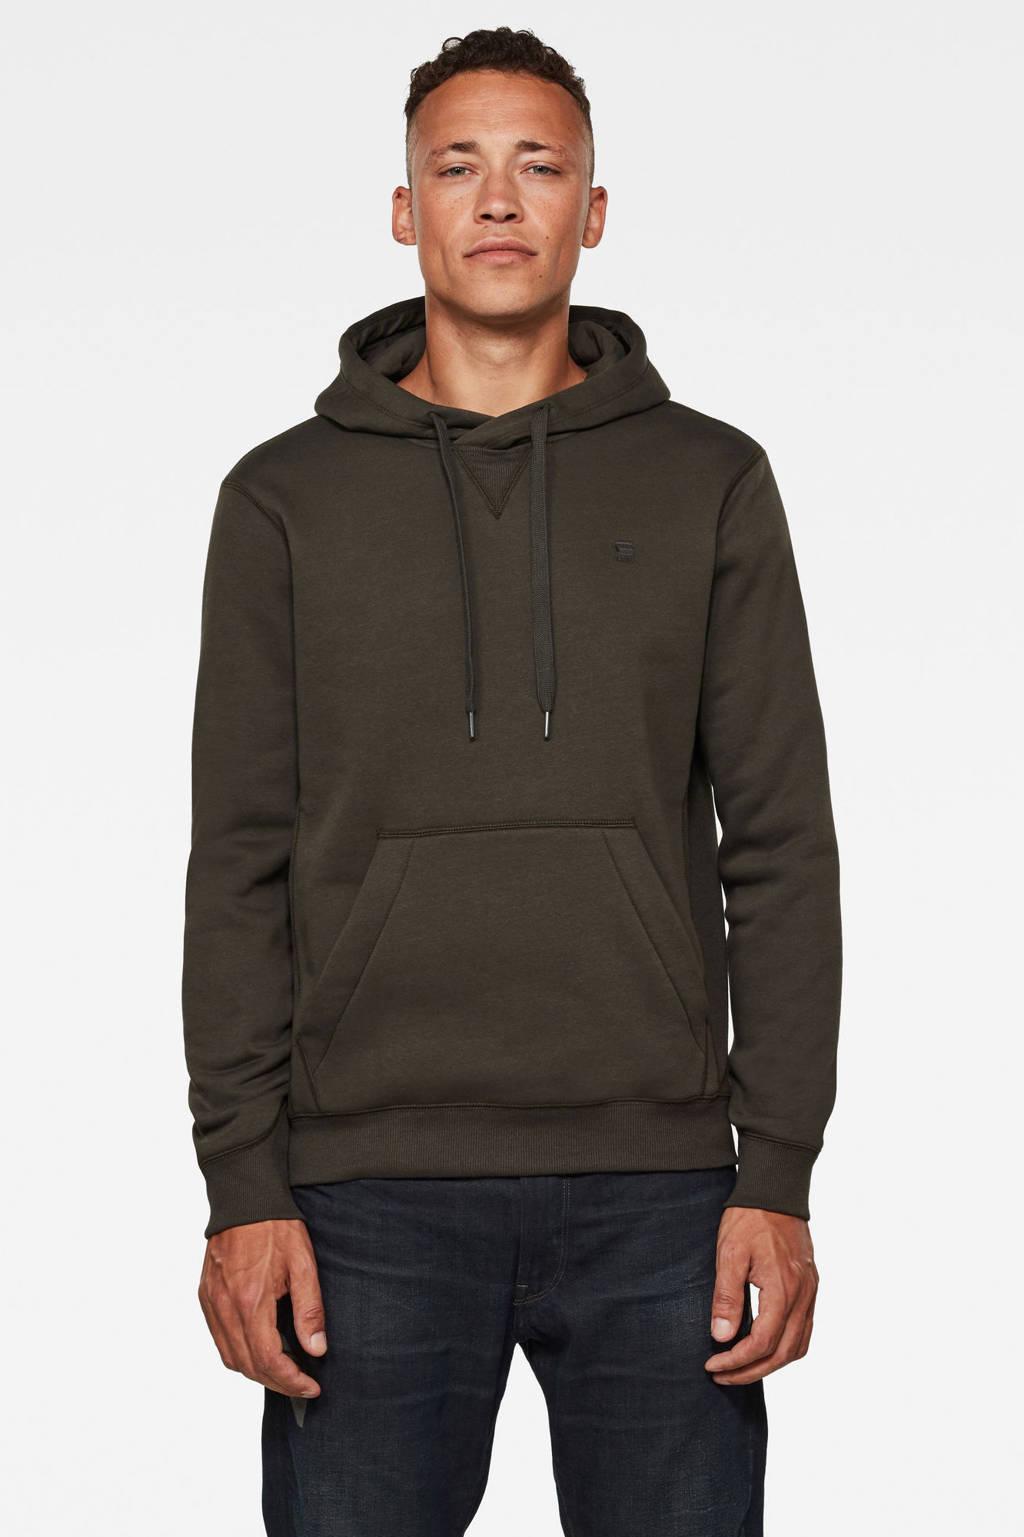 G-Star RAW hoodie grijsgroen, Grijsgroen